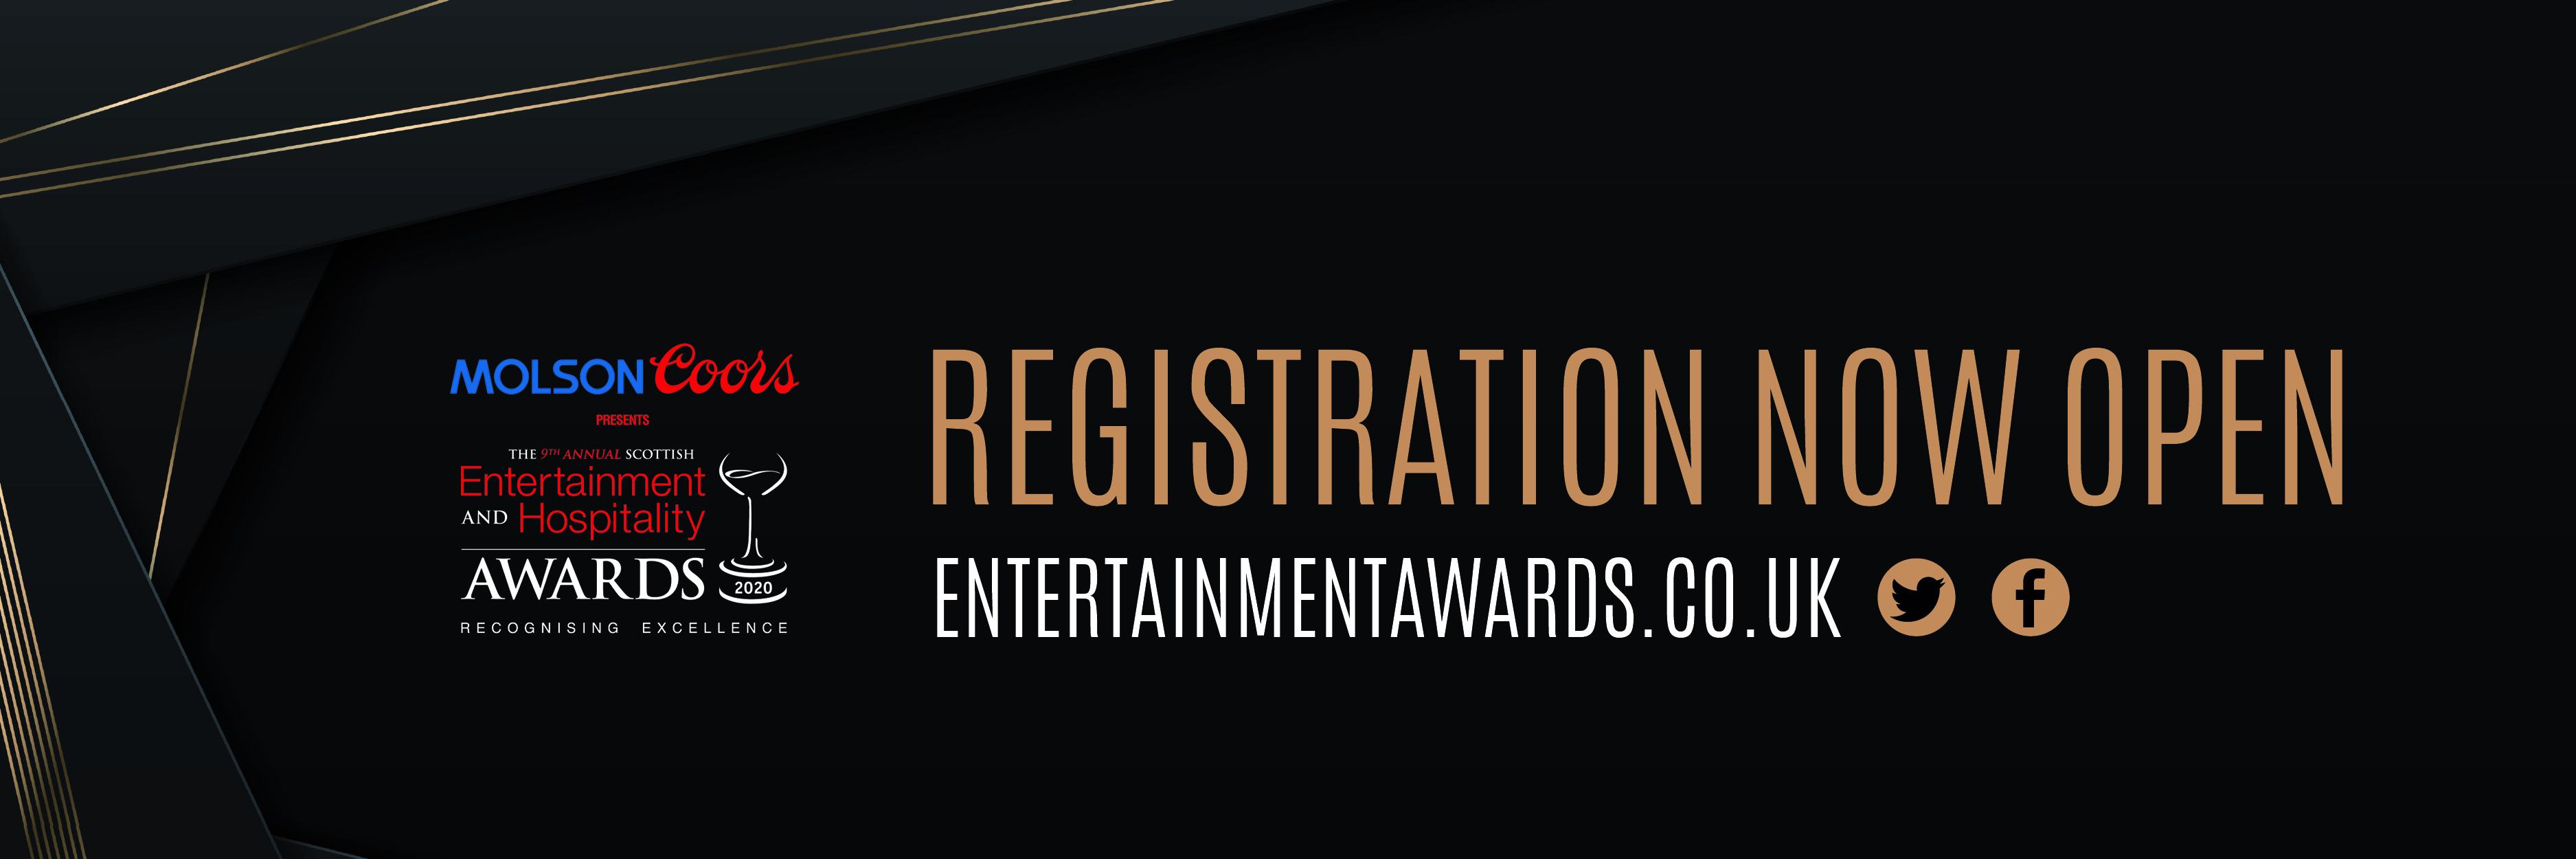 ENT2020_Registration Now Open_web